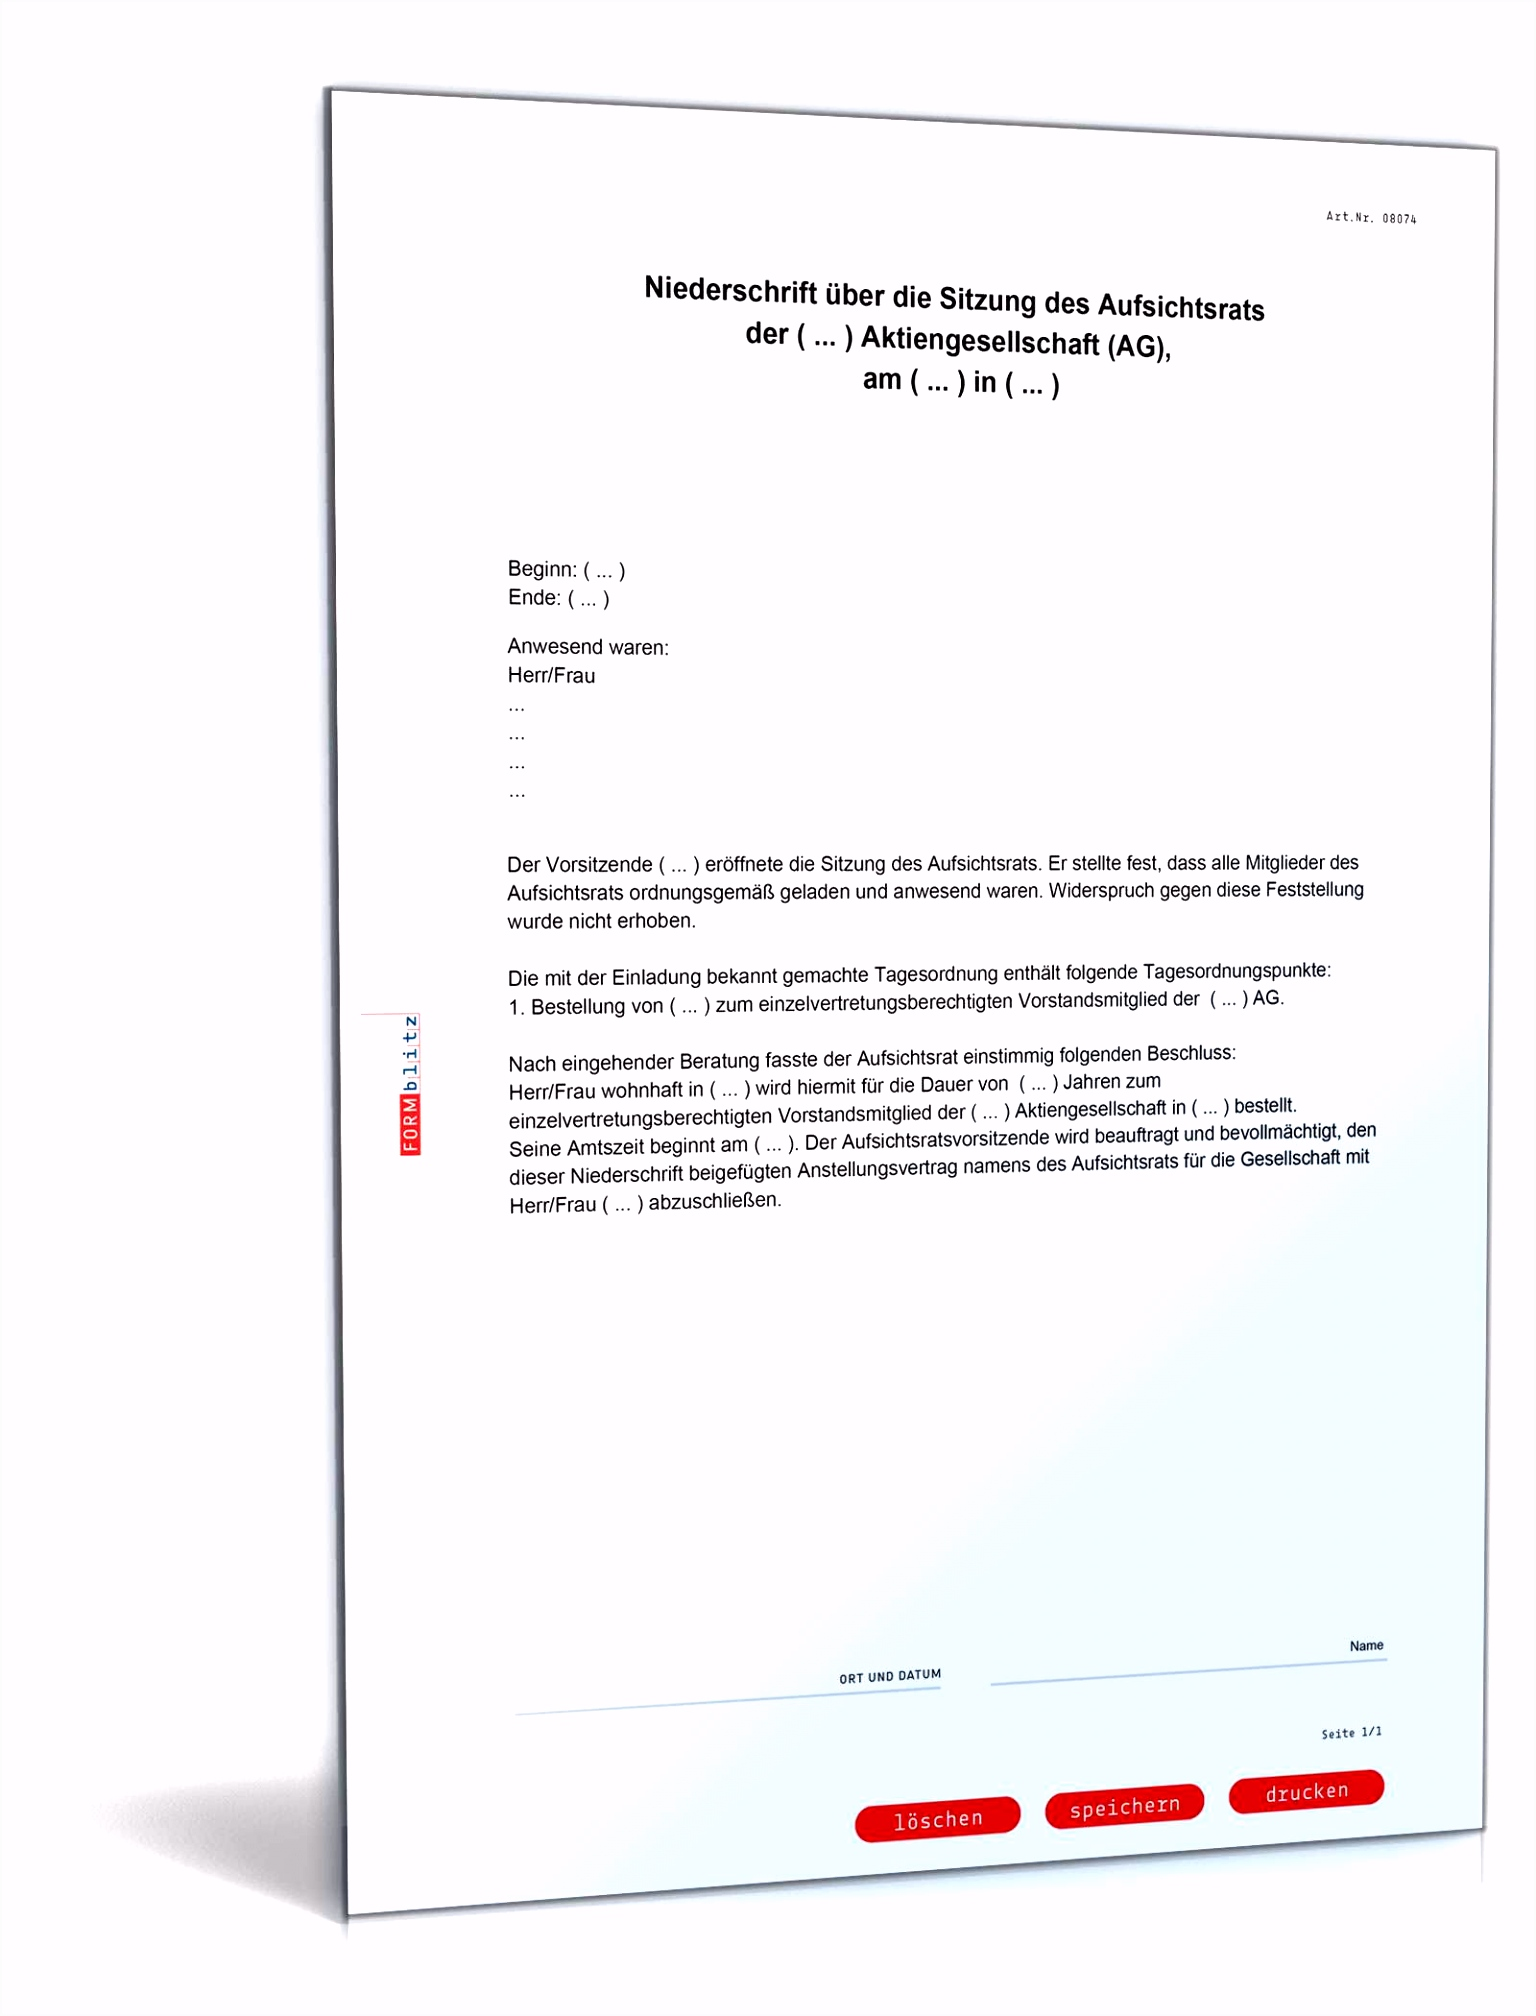 Bestellung Vorstand Aktiengesellschaft Muster zum Download